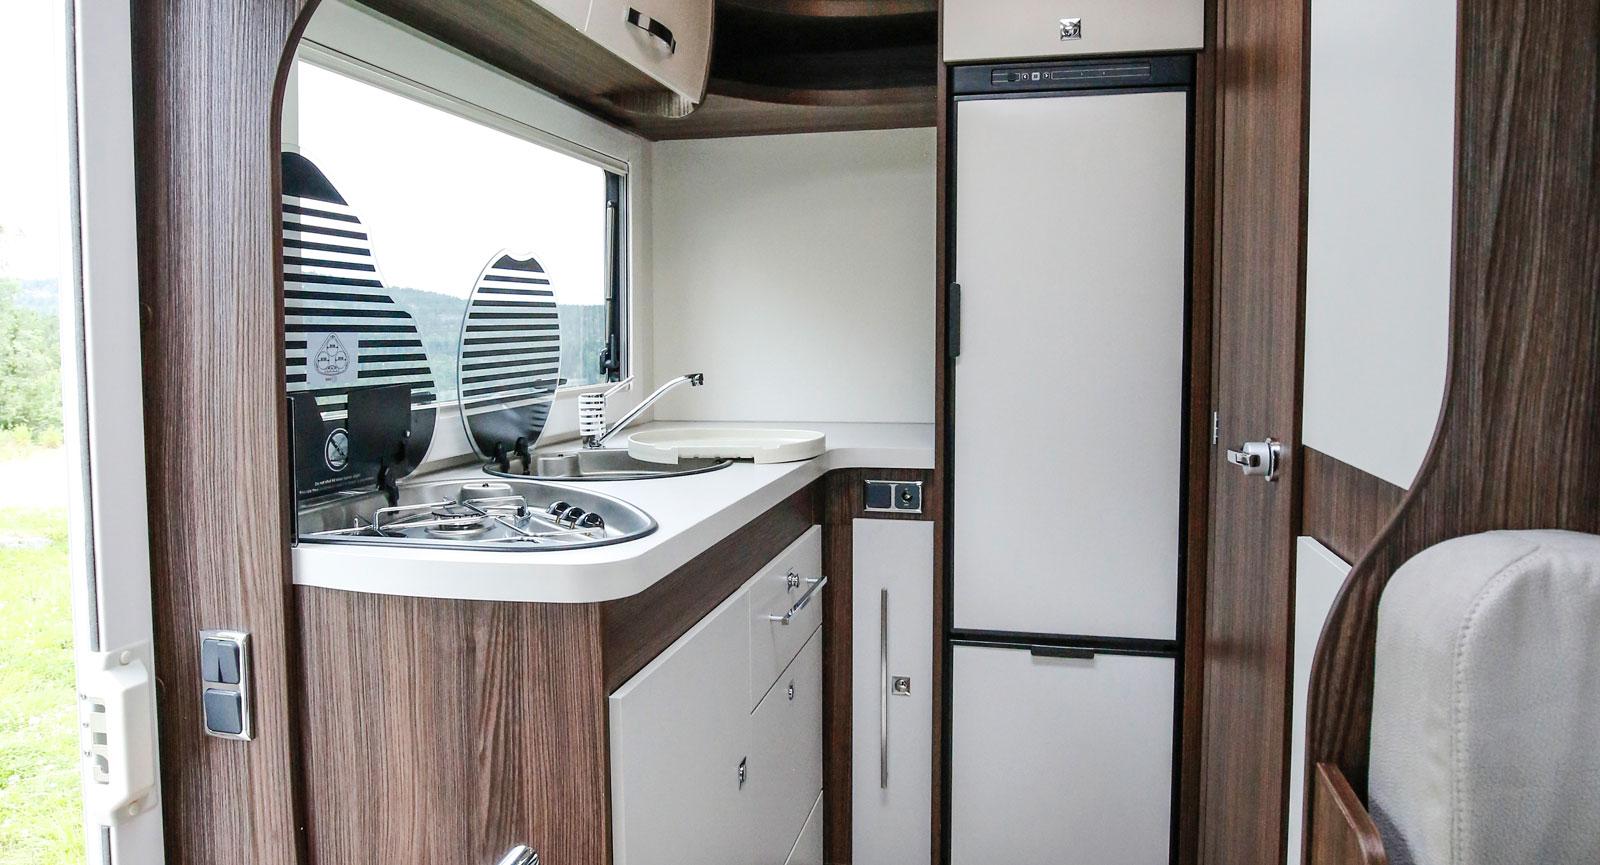 Trivsamt kök i bilens bakparti, dörren till toaletten till höger.